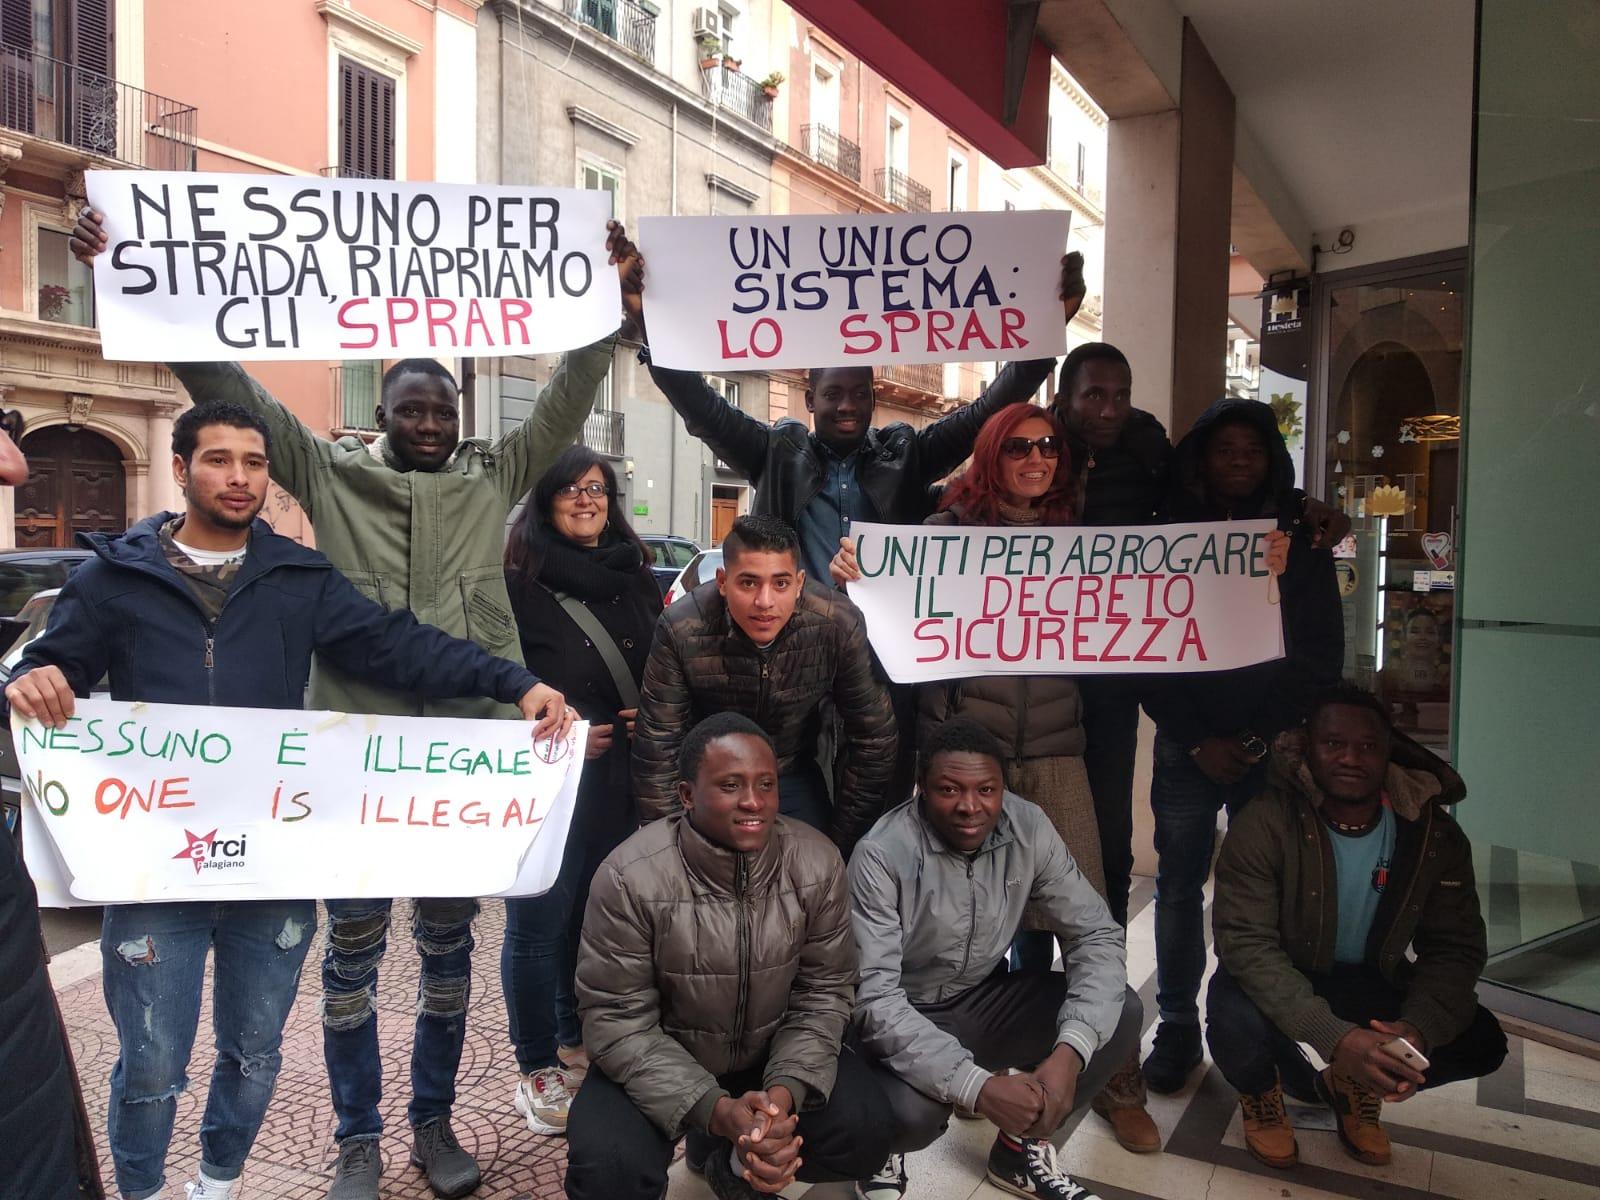 PALAGIANO.   Lo Svegliarci manifesta dinanzi alla Prefettura contro la legge Salvini. Smantella il sistema dell'accoglienza degli Sprar e crea un esercito di irregolari a vita